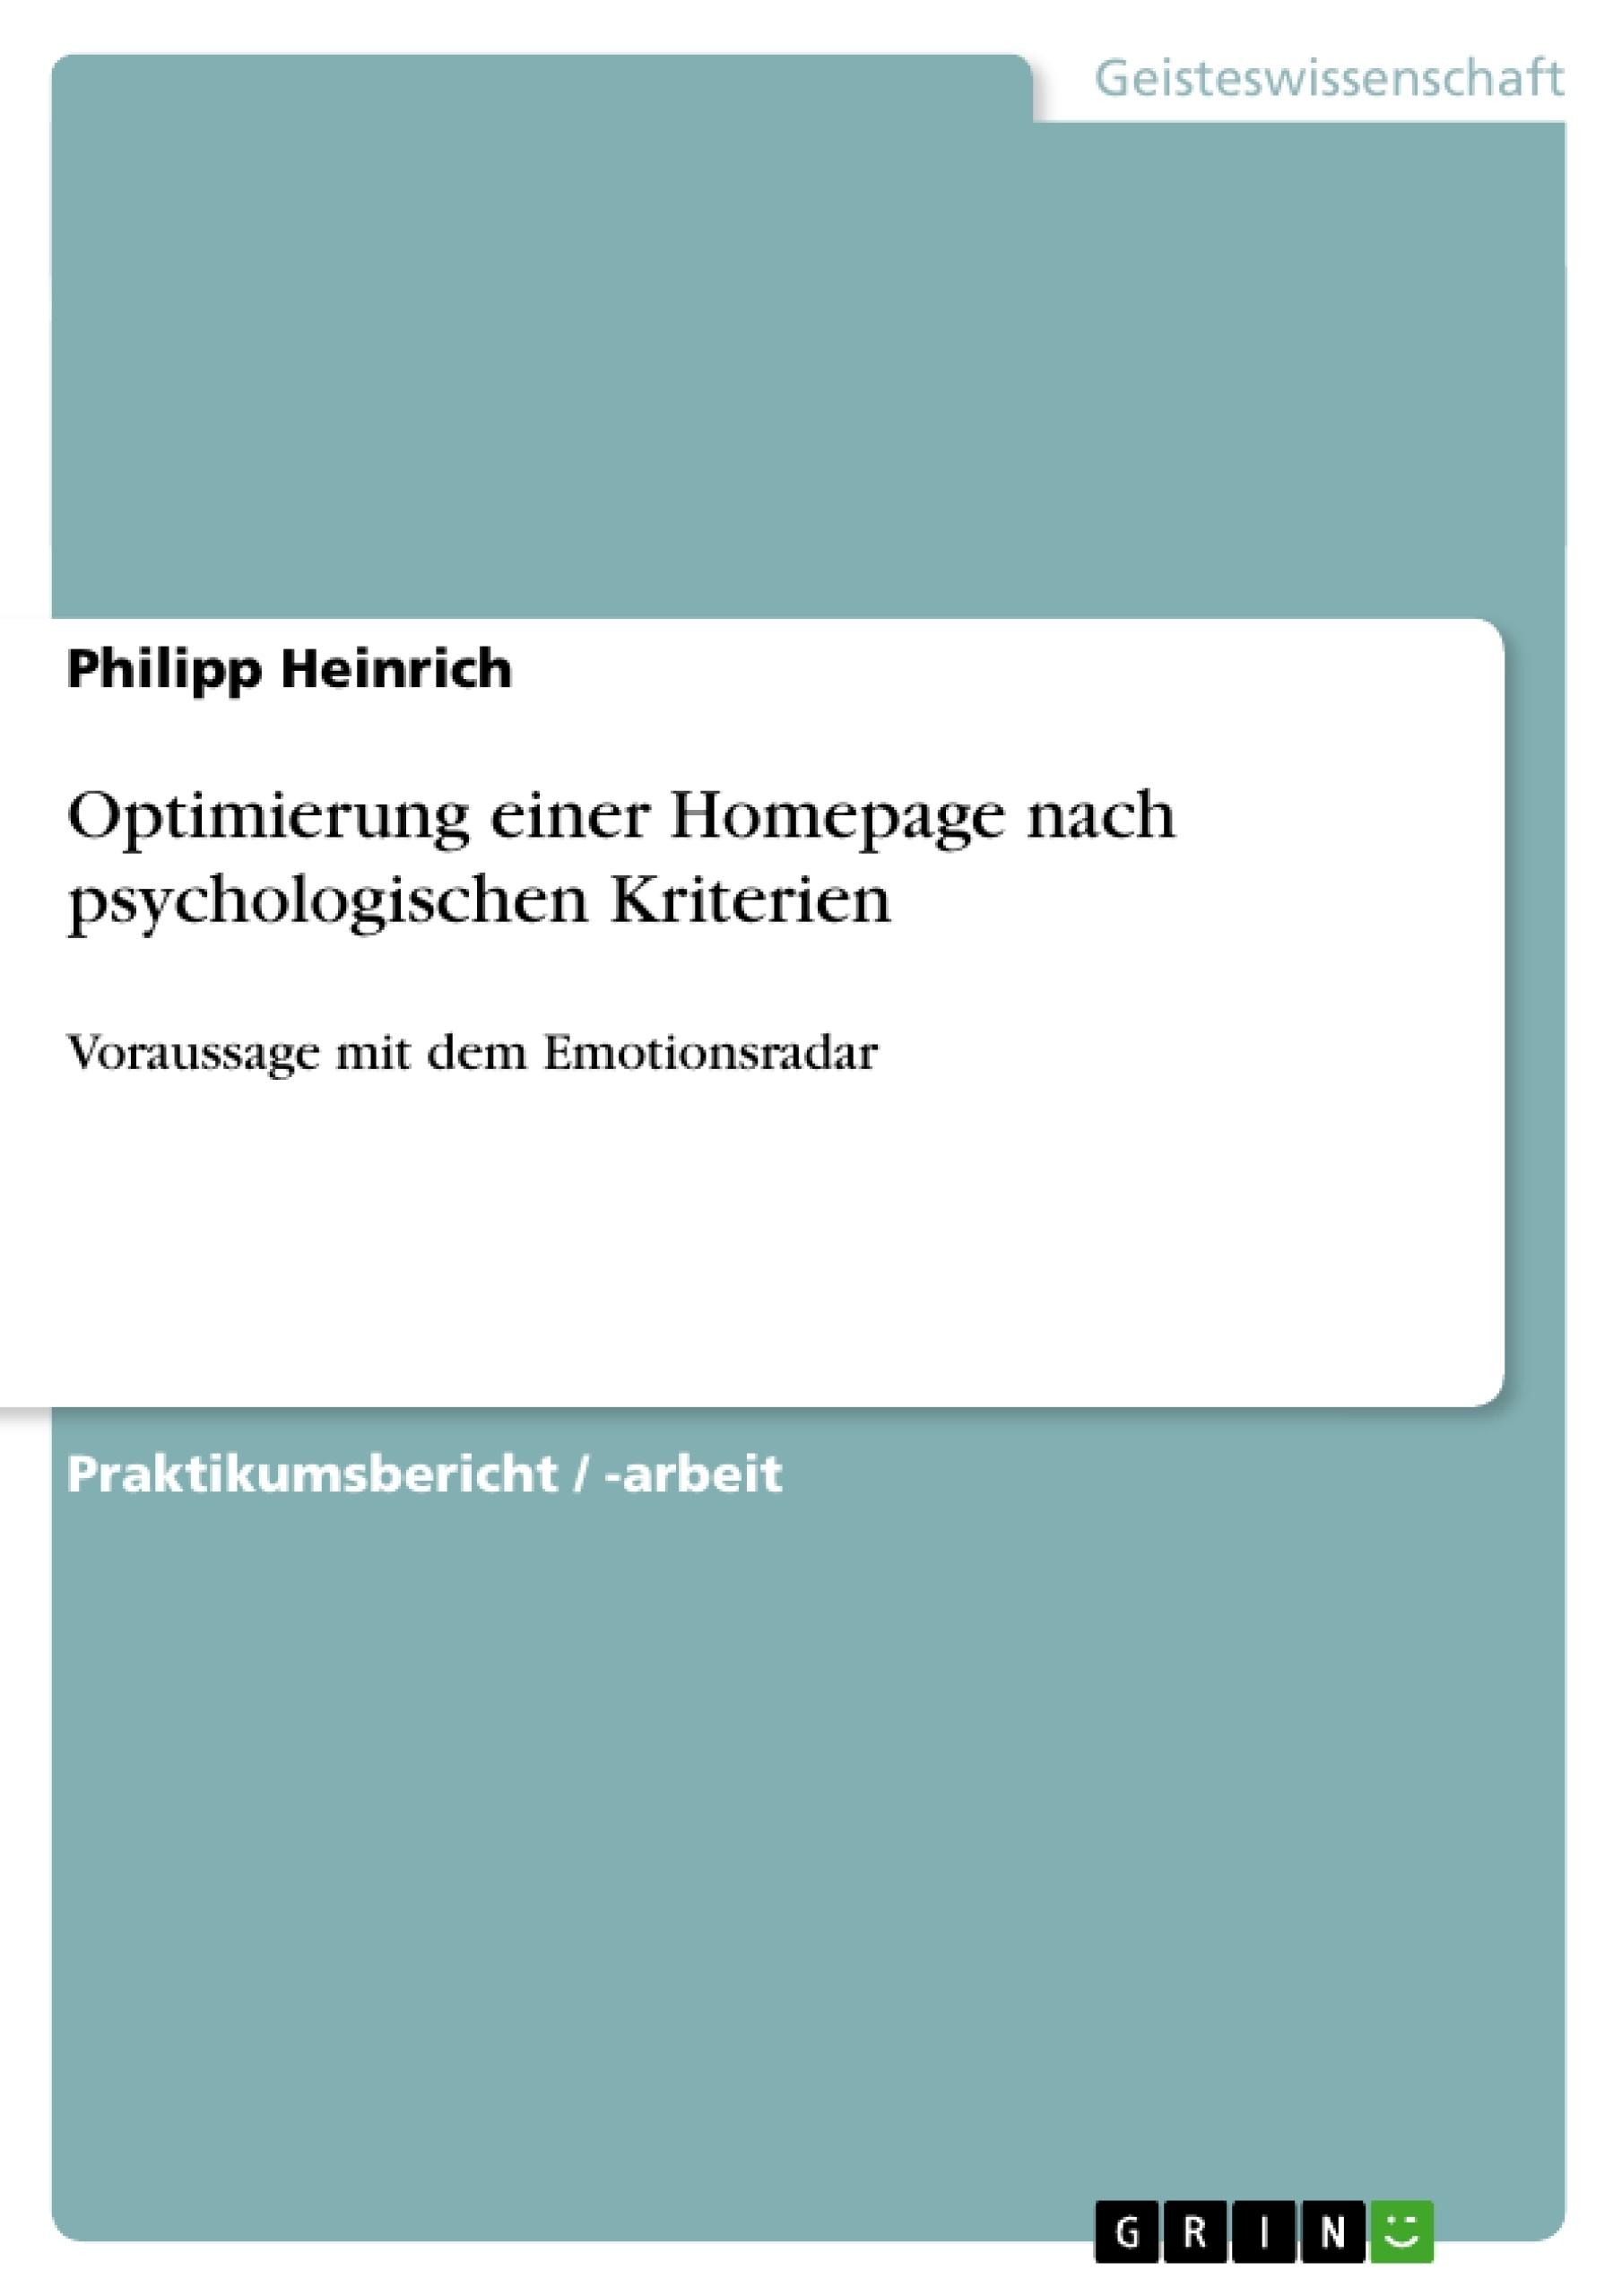 Titel: Optimierung einer Homepage nach psychologischen Kriterien